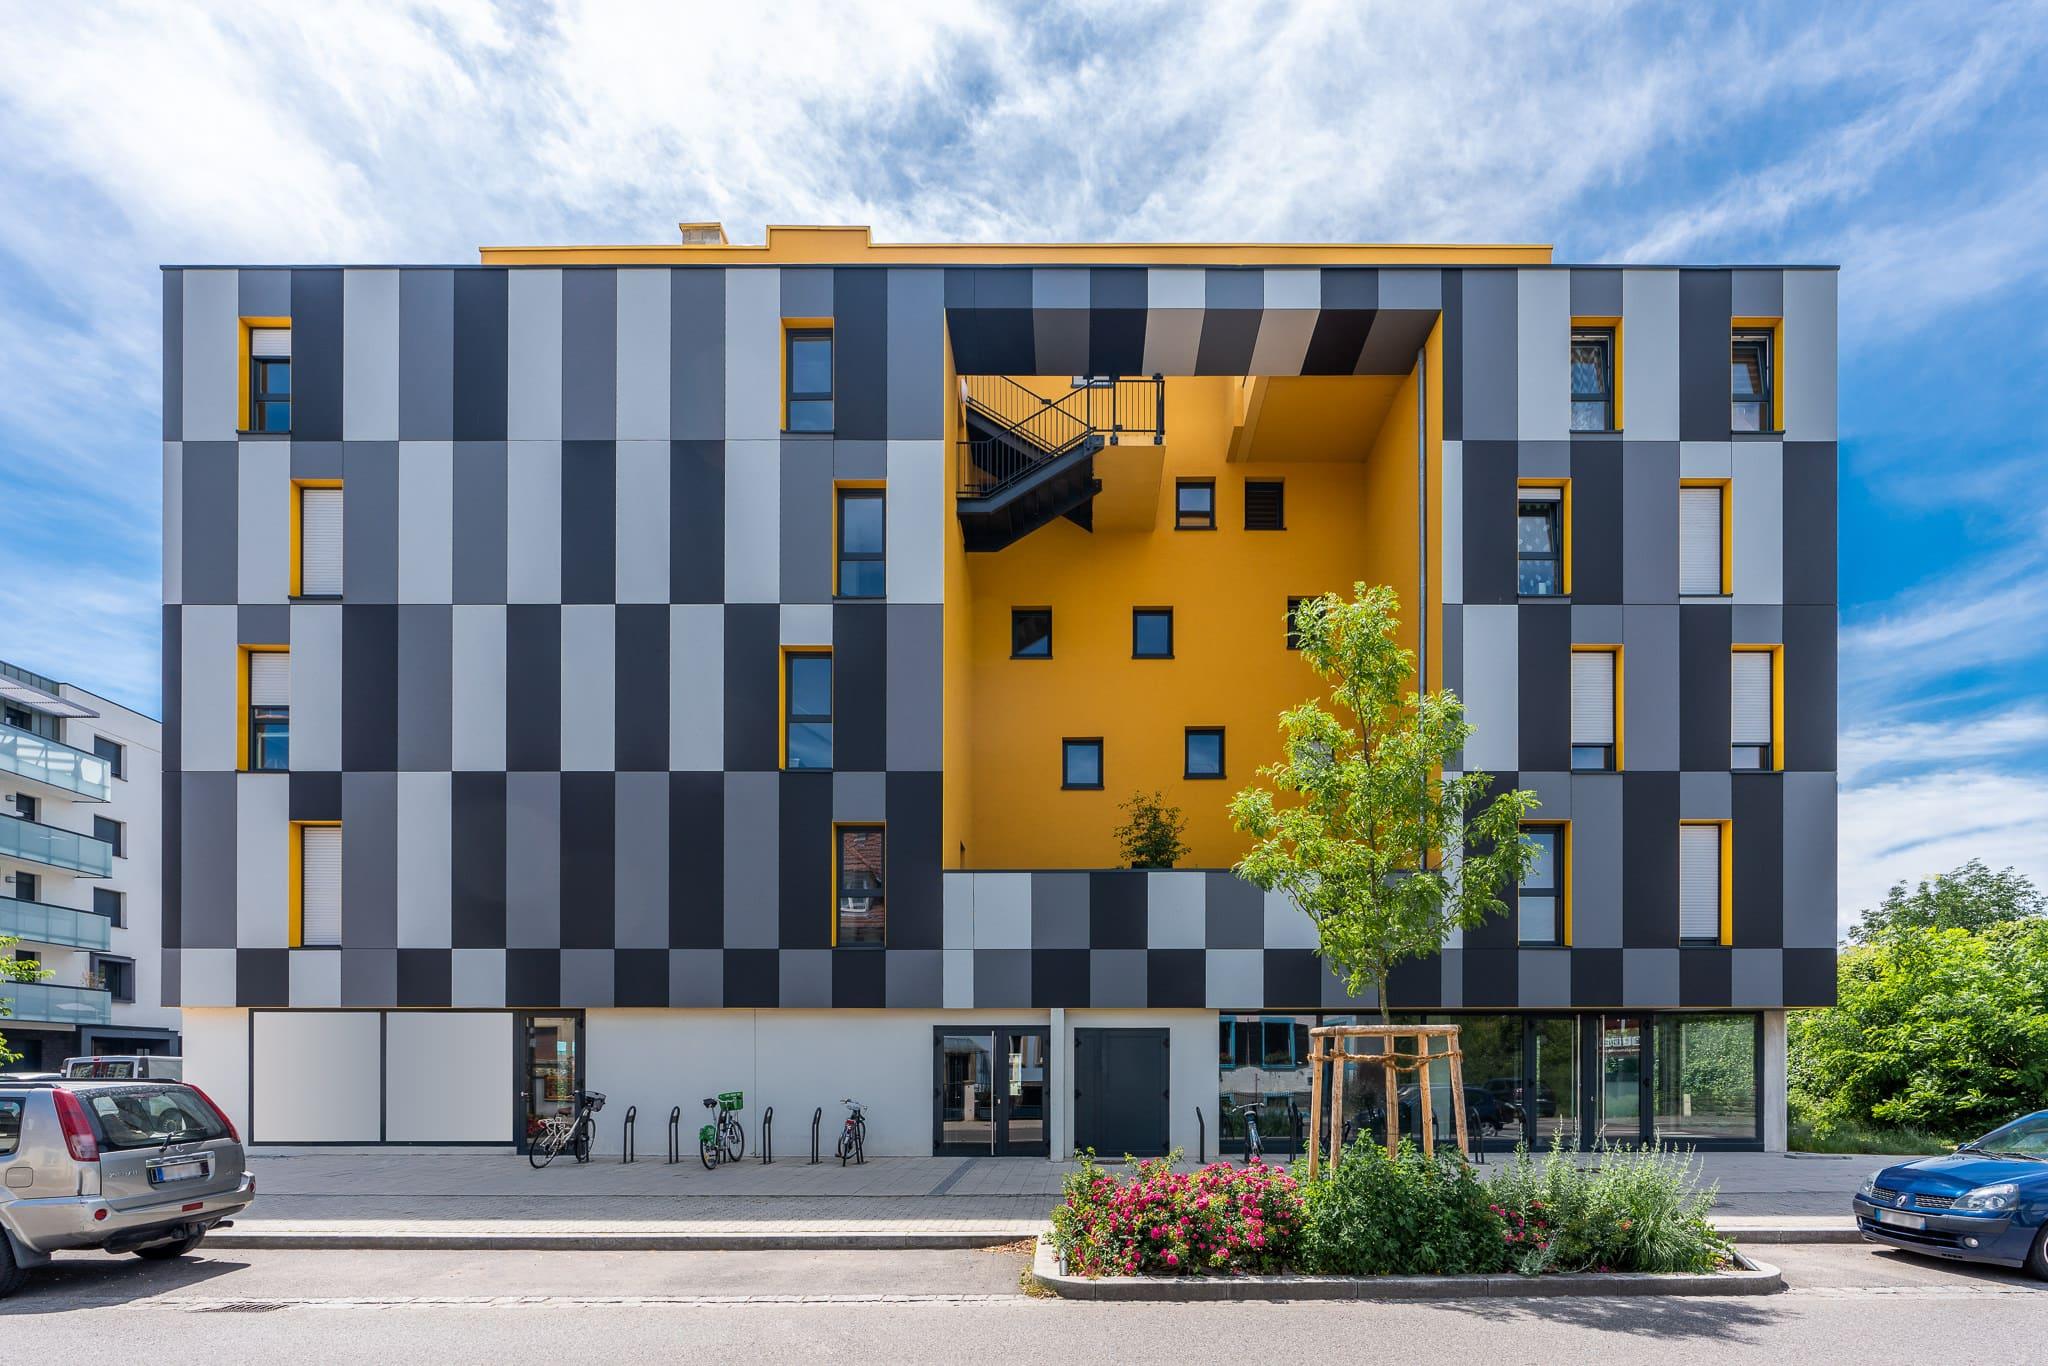 Bureaux et logements à Strasbourg en Alsace - edifice-photo.com - Retouche bureau Harmonie 4 - Nettoyage du batiment